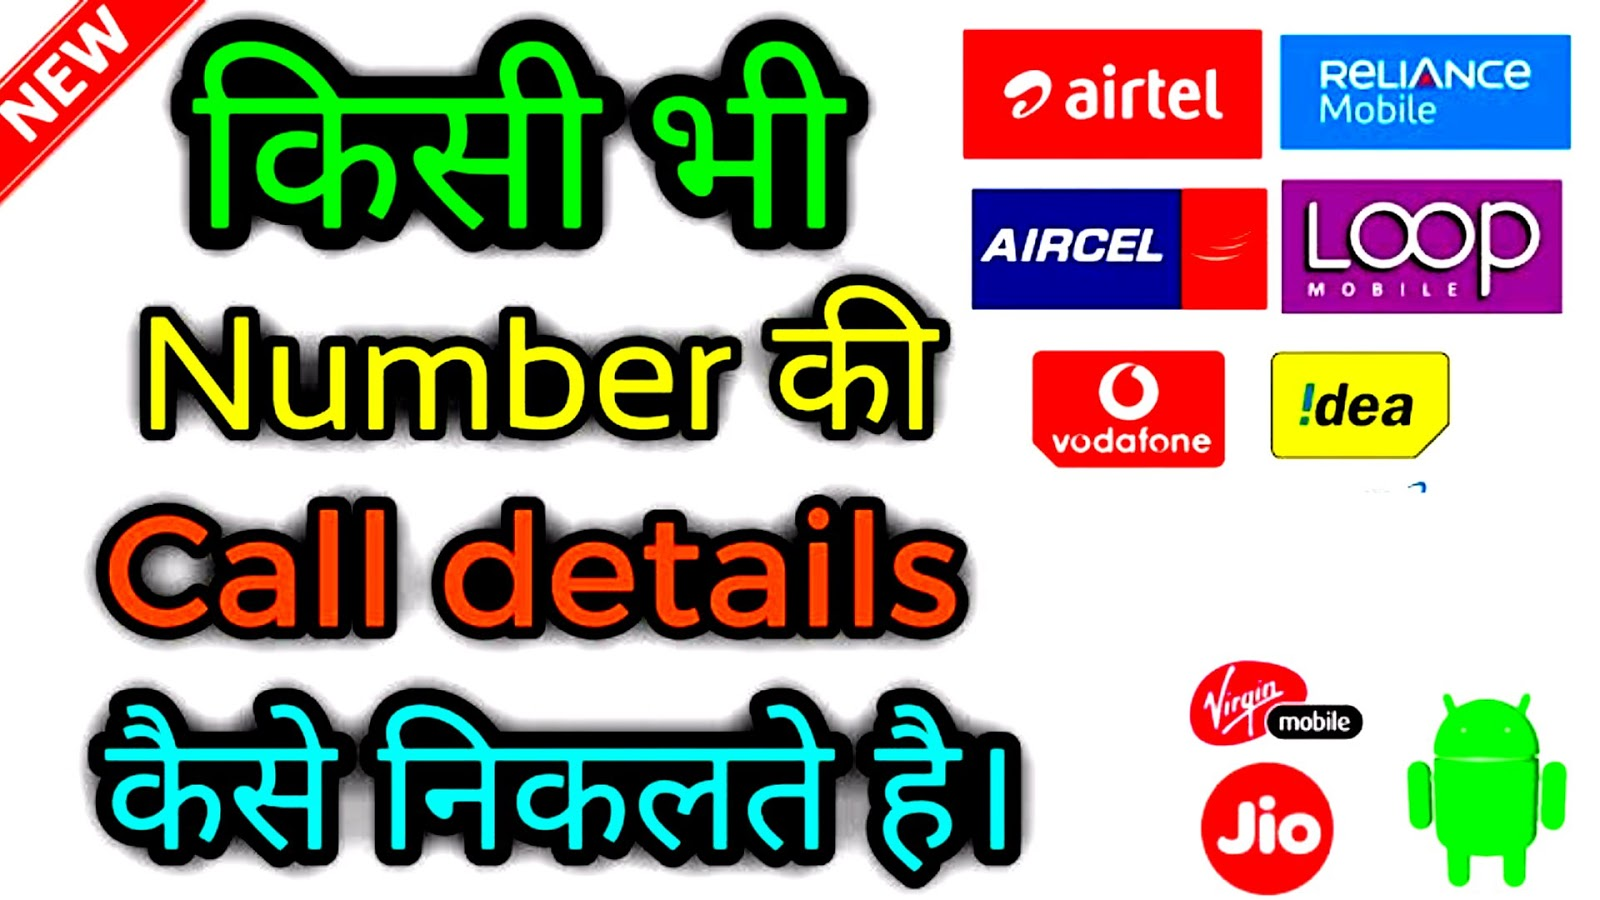 Phone Number Call Details Kese Pta Kare Legal Tarike Se - Computer